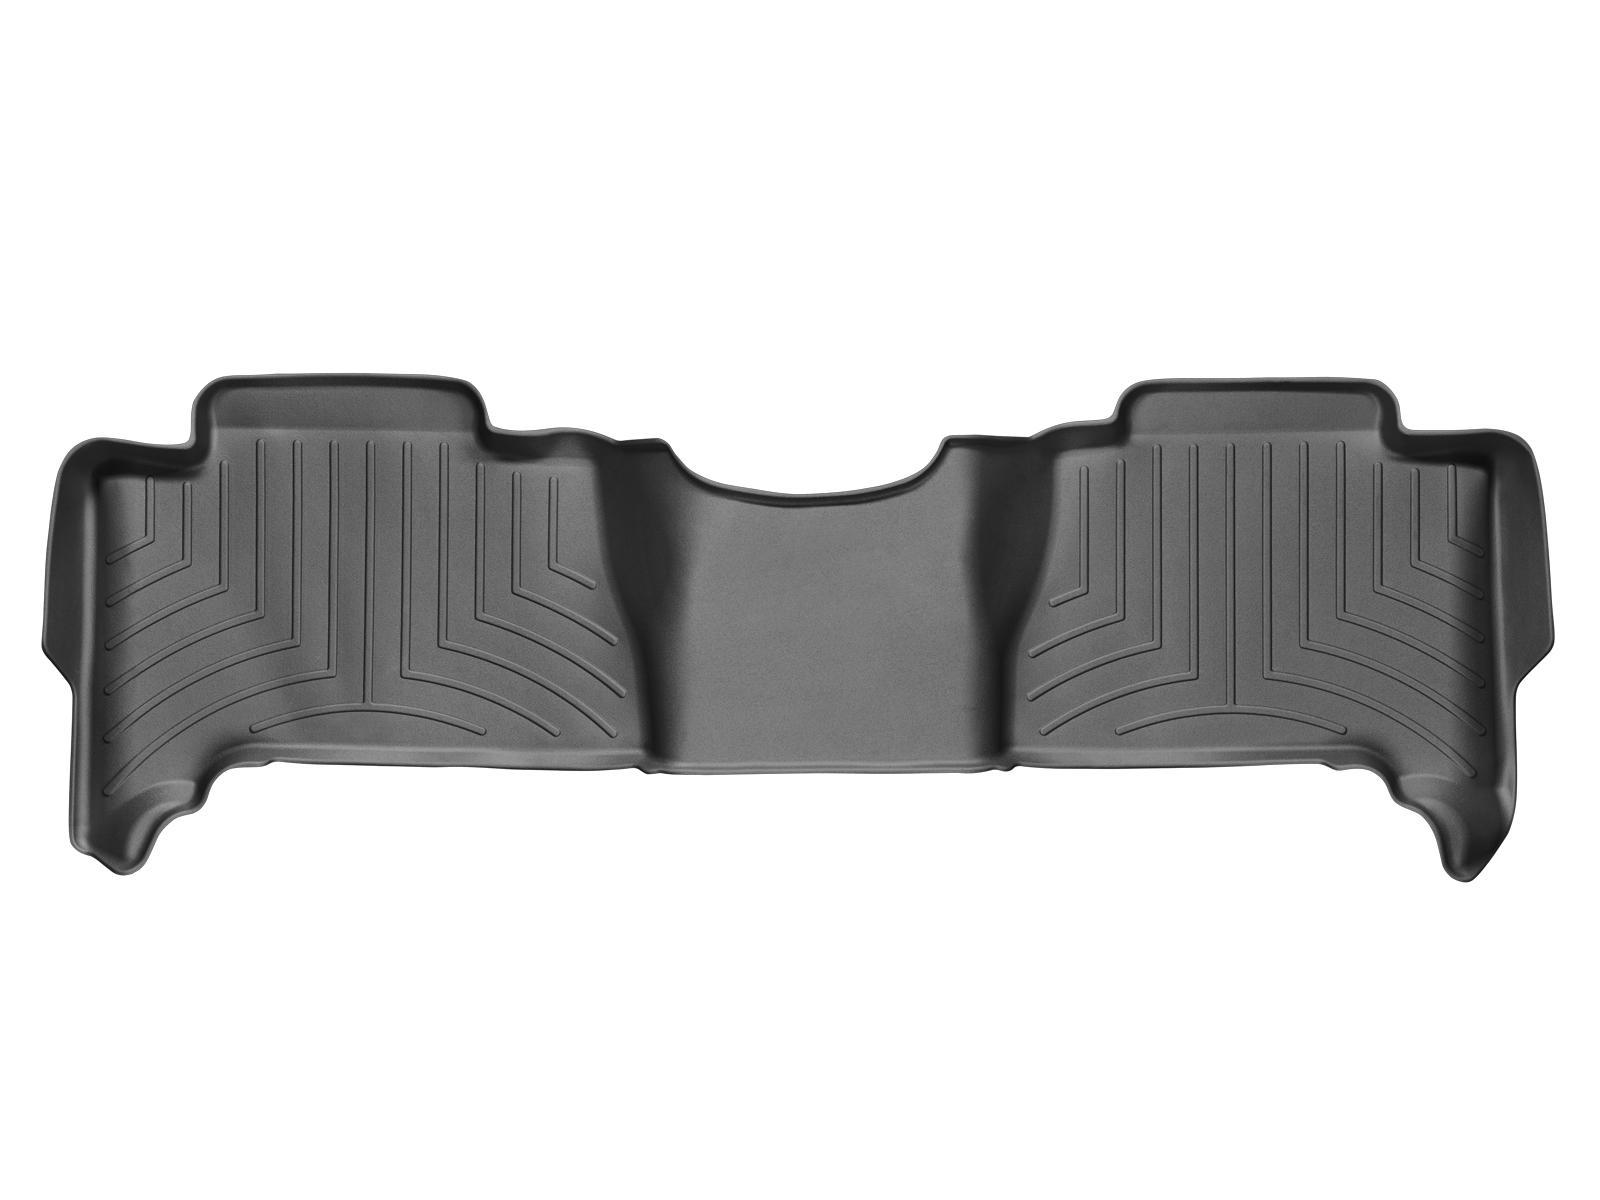 Tappeti gomma su misura bordo alto GMC Yukon 07>13 Nero A1289*